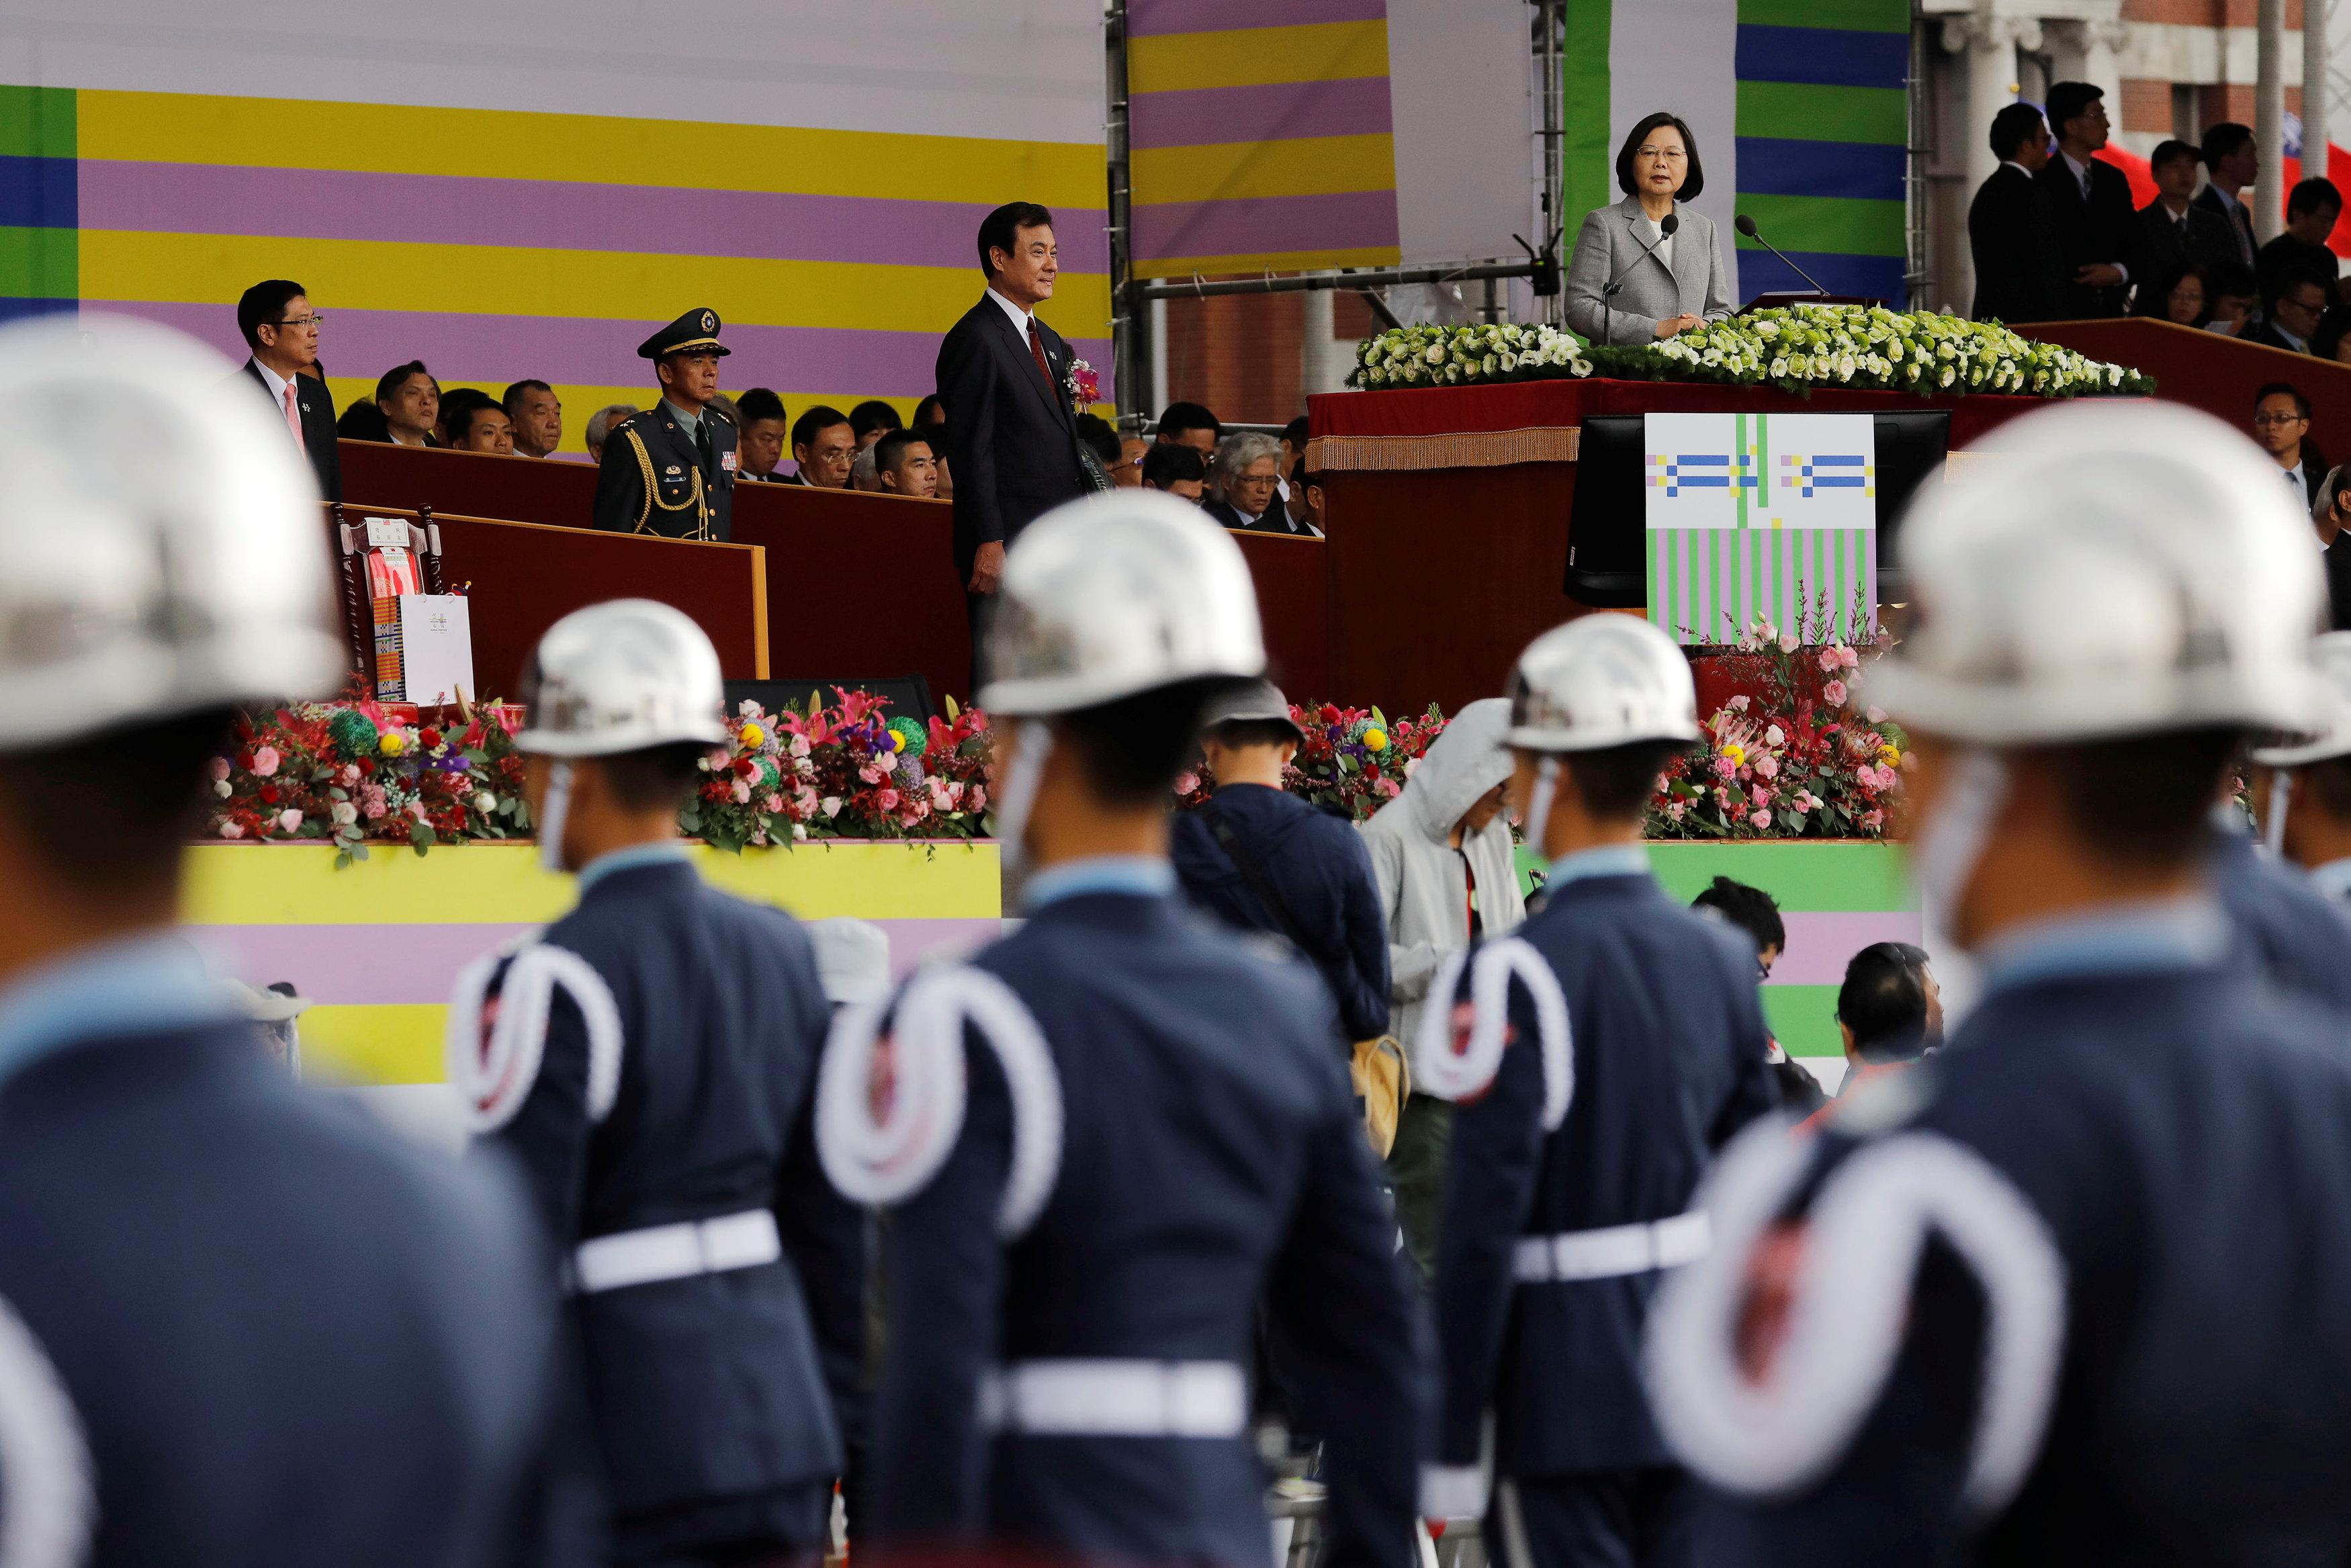 رئيسة تايوان تلقى كلمتها احتفالا باليوم الوطنى